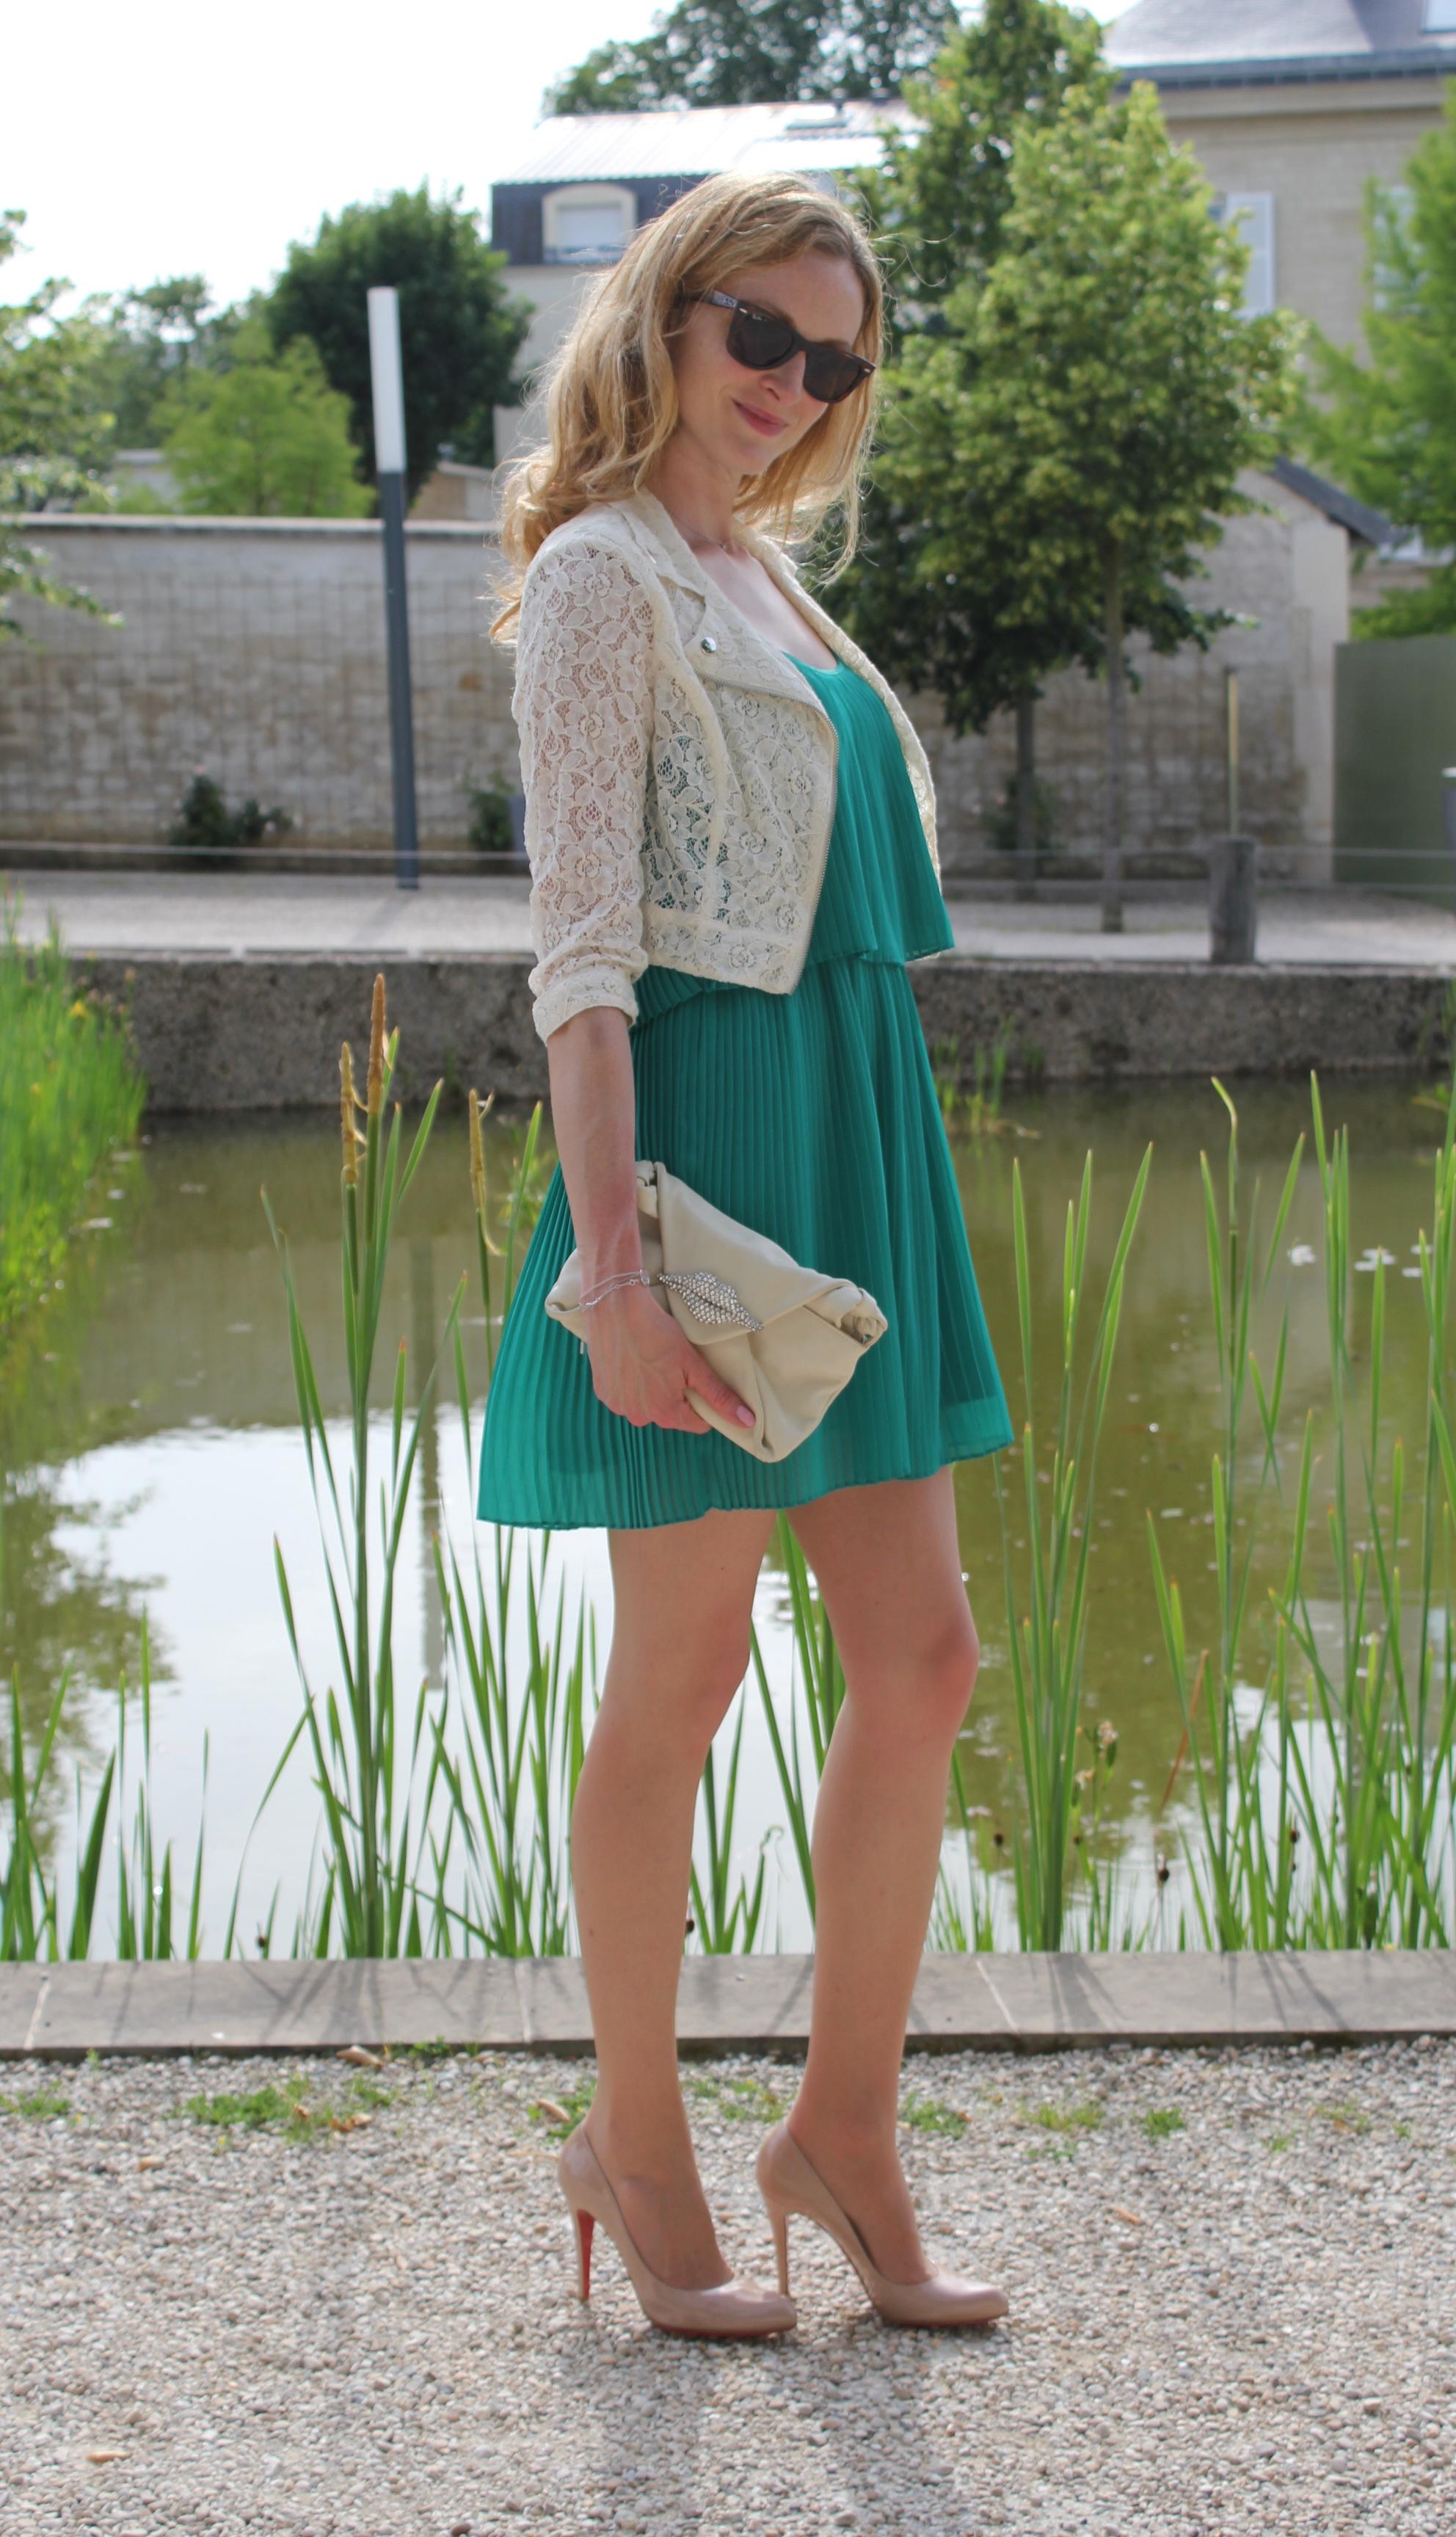 Une robe vert meraude forum mode for Quelle couleur avec du bleu turquoise